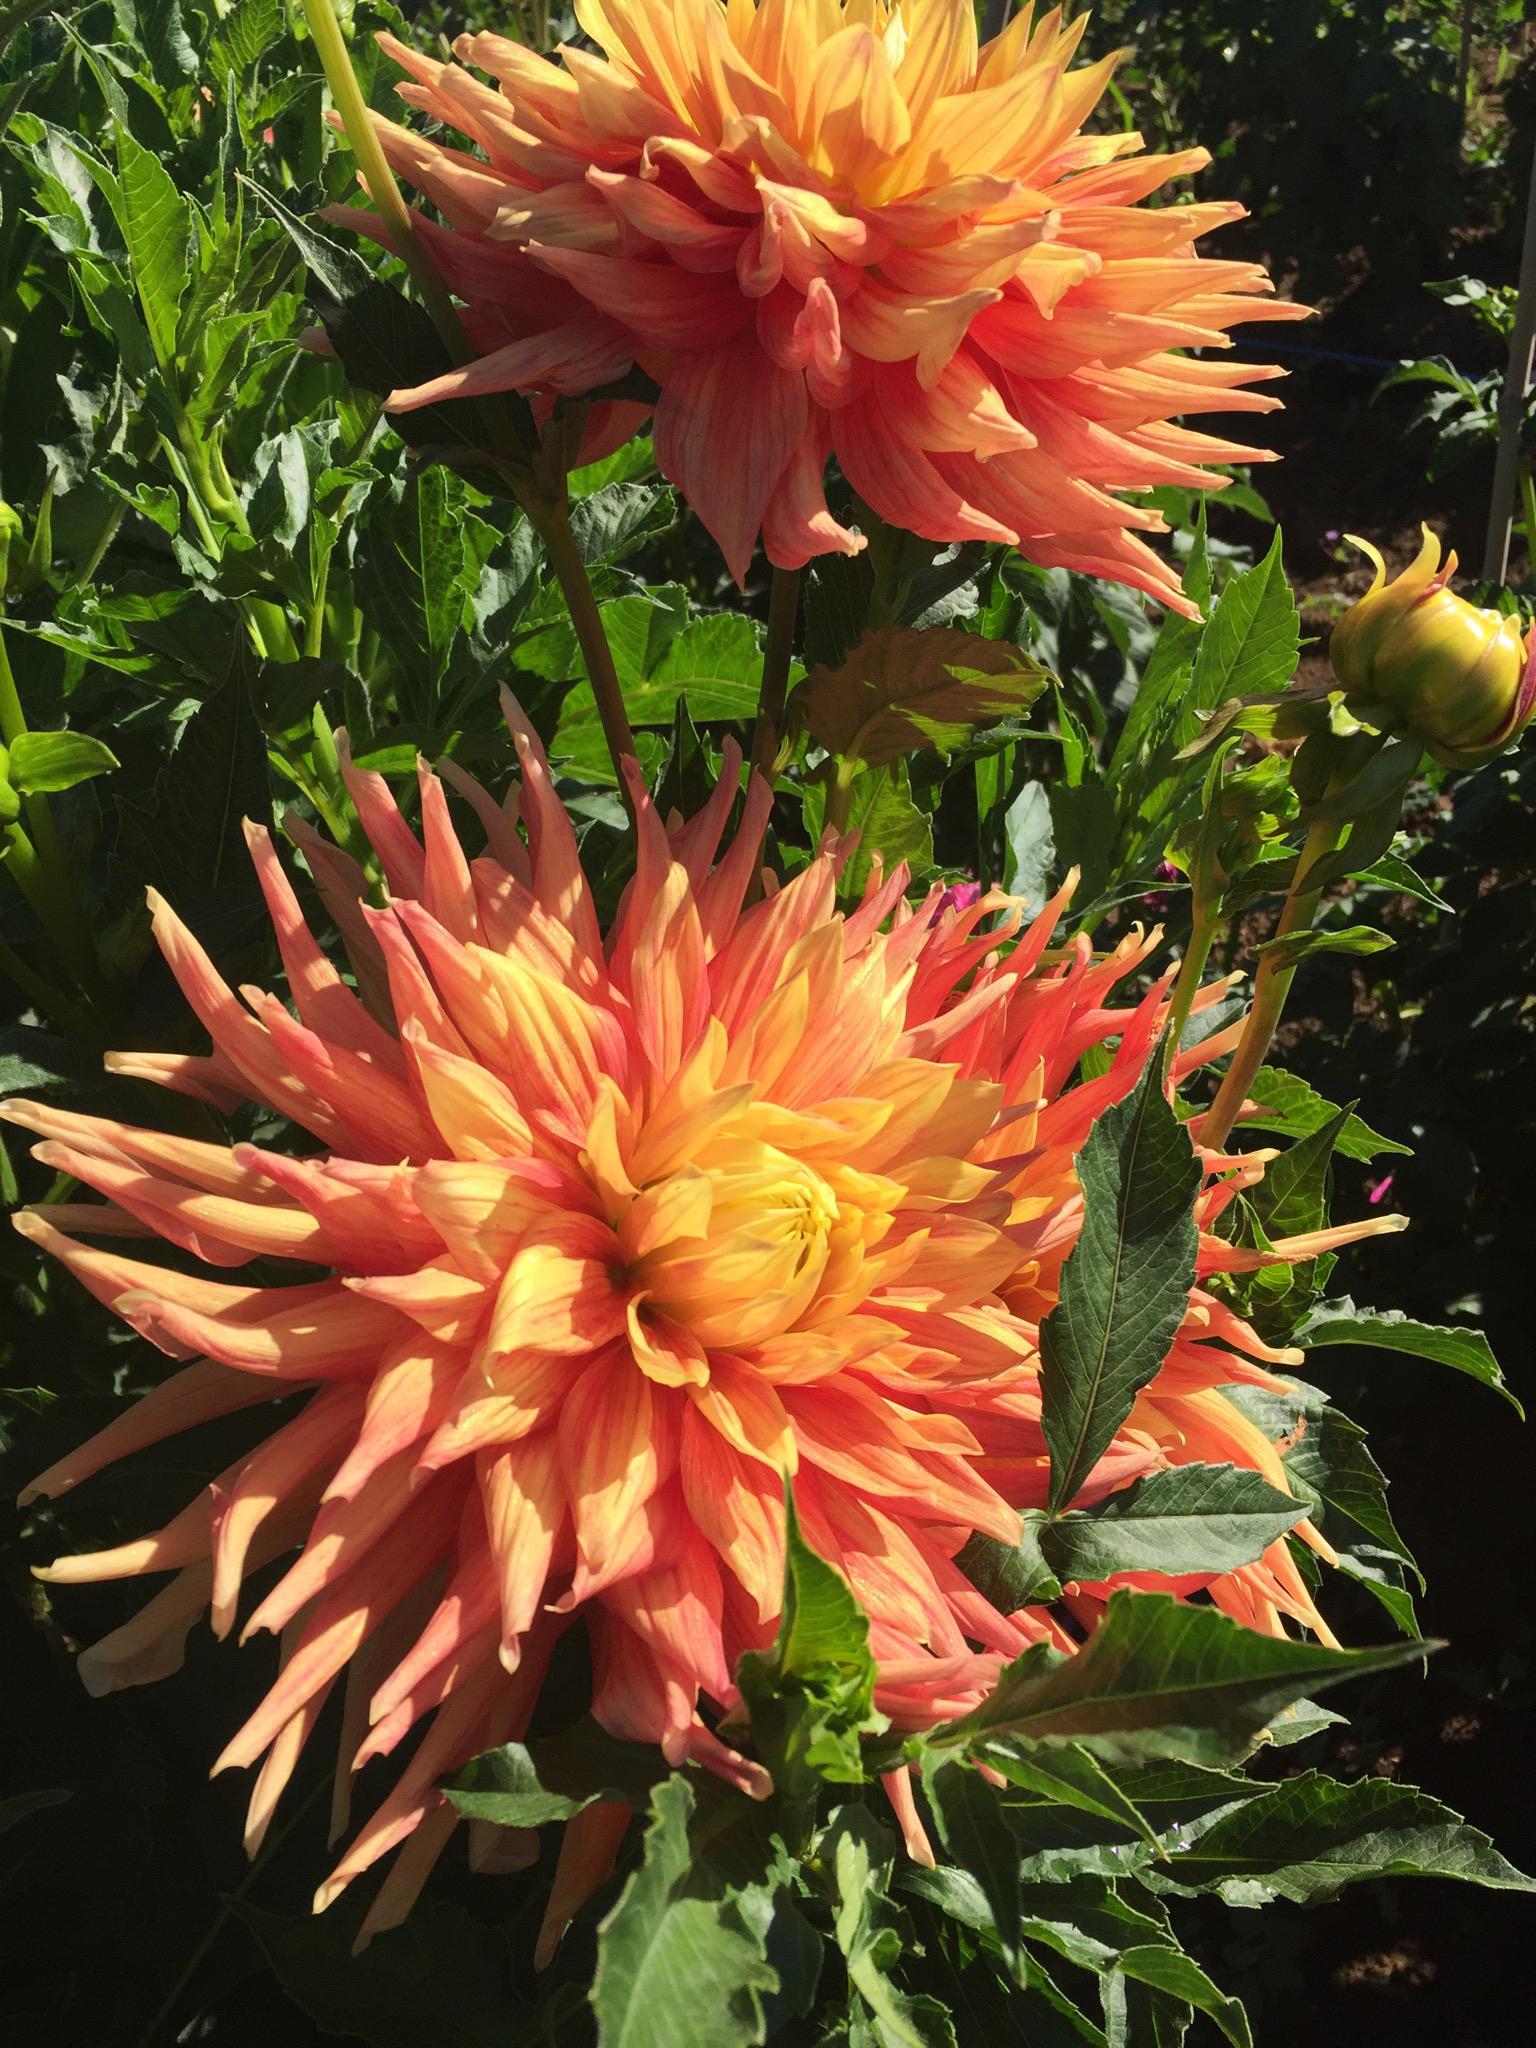 Mt_View_Flowers-5.JPG